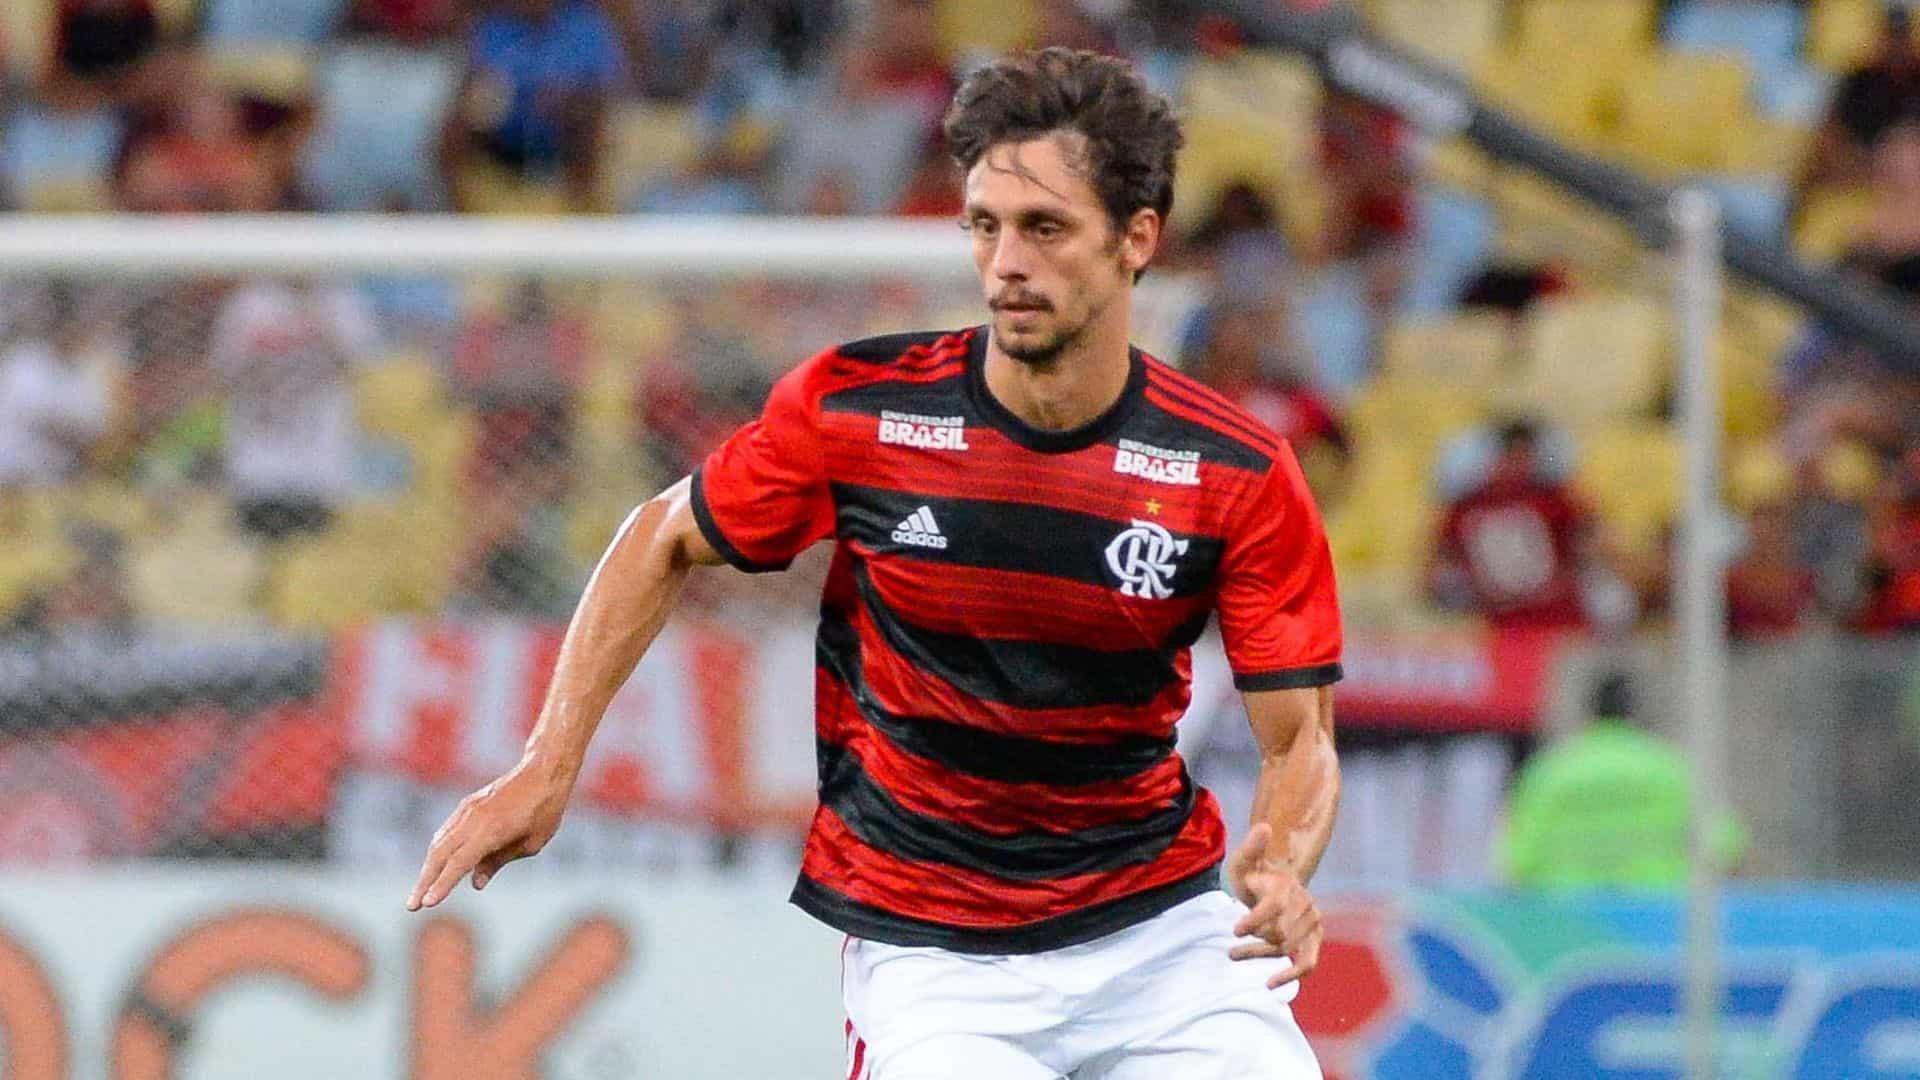 Após empate, Rodrigo Caio valoriza evolução defensiva do Flamengo